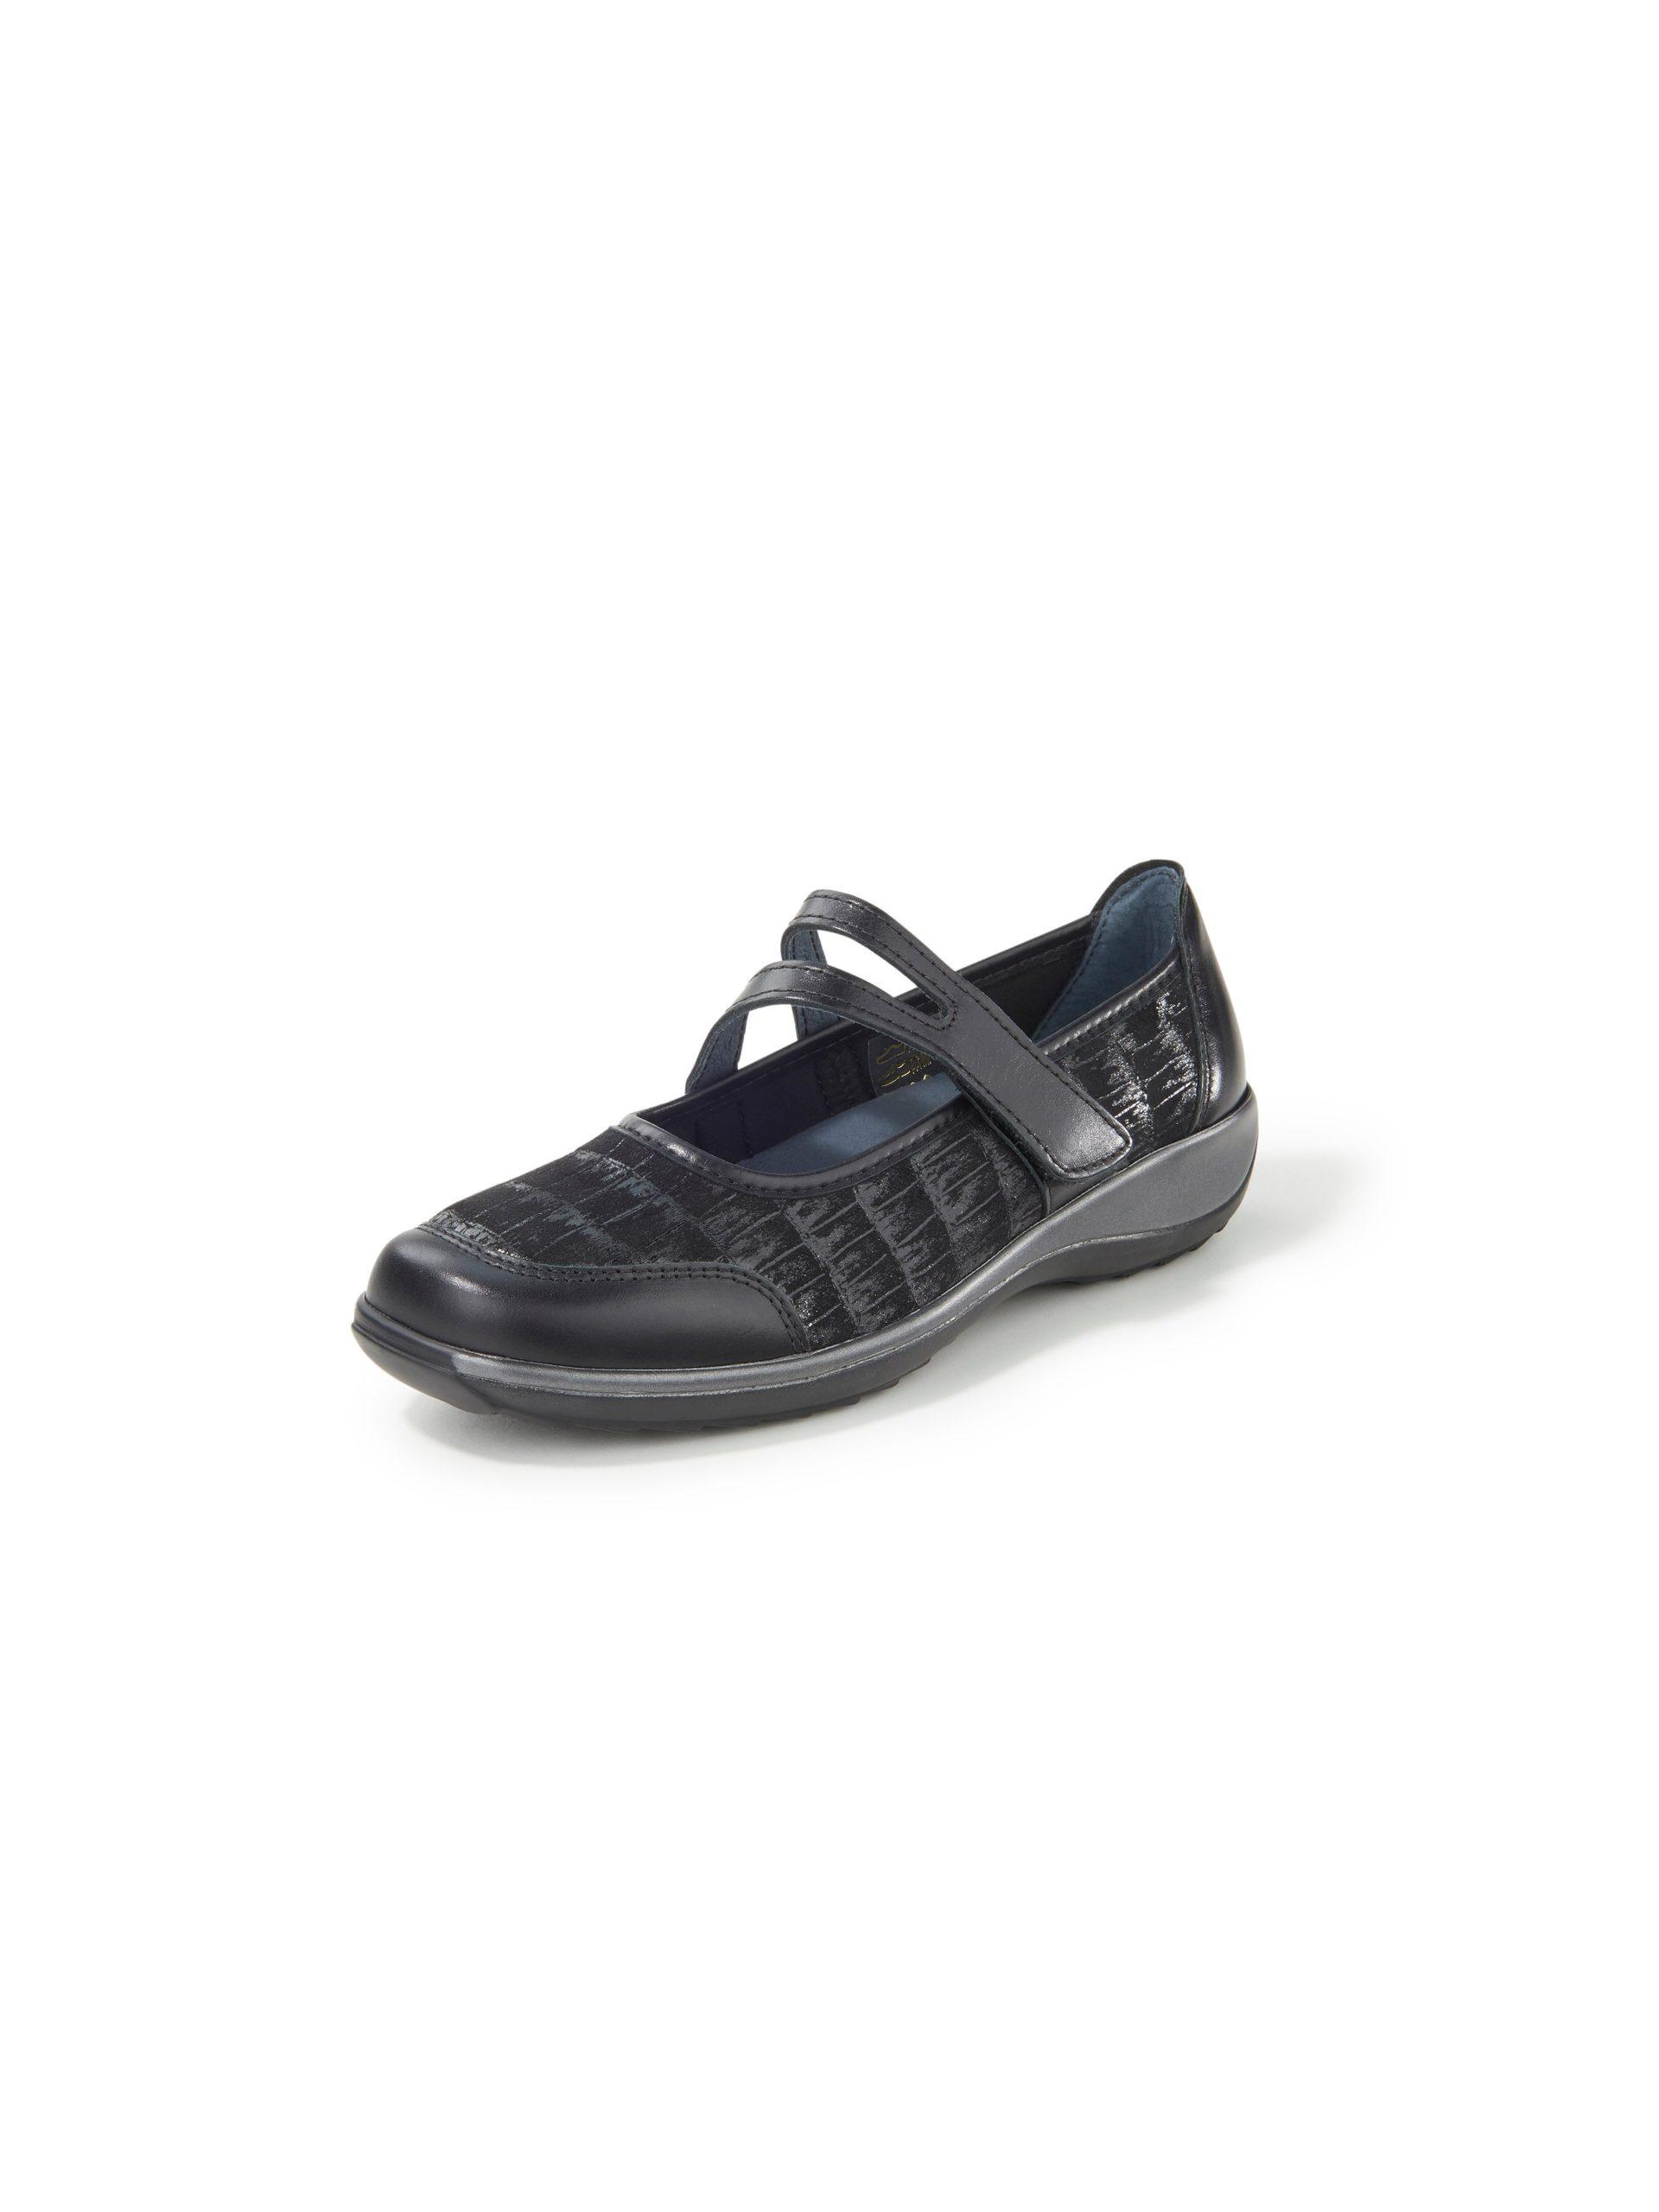 Ballerina's elastisch textielmateriaal Van Stuppy zwart Kopen